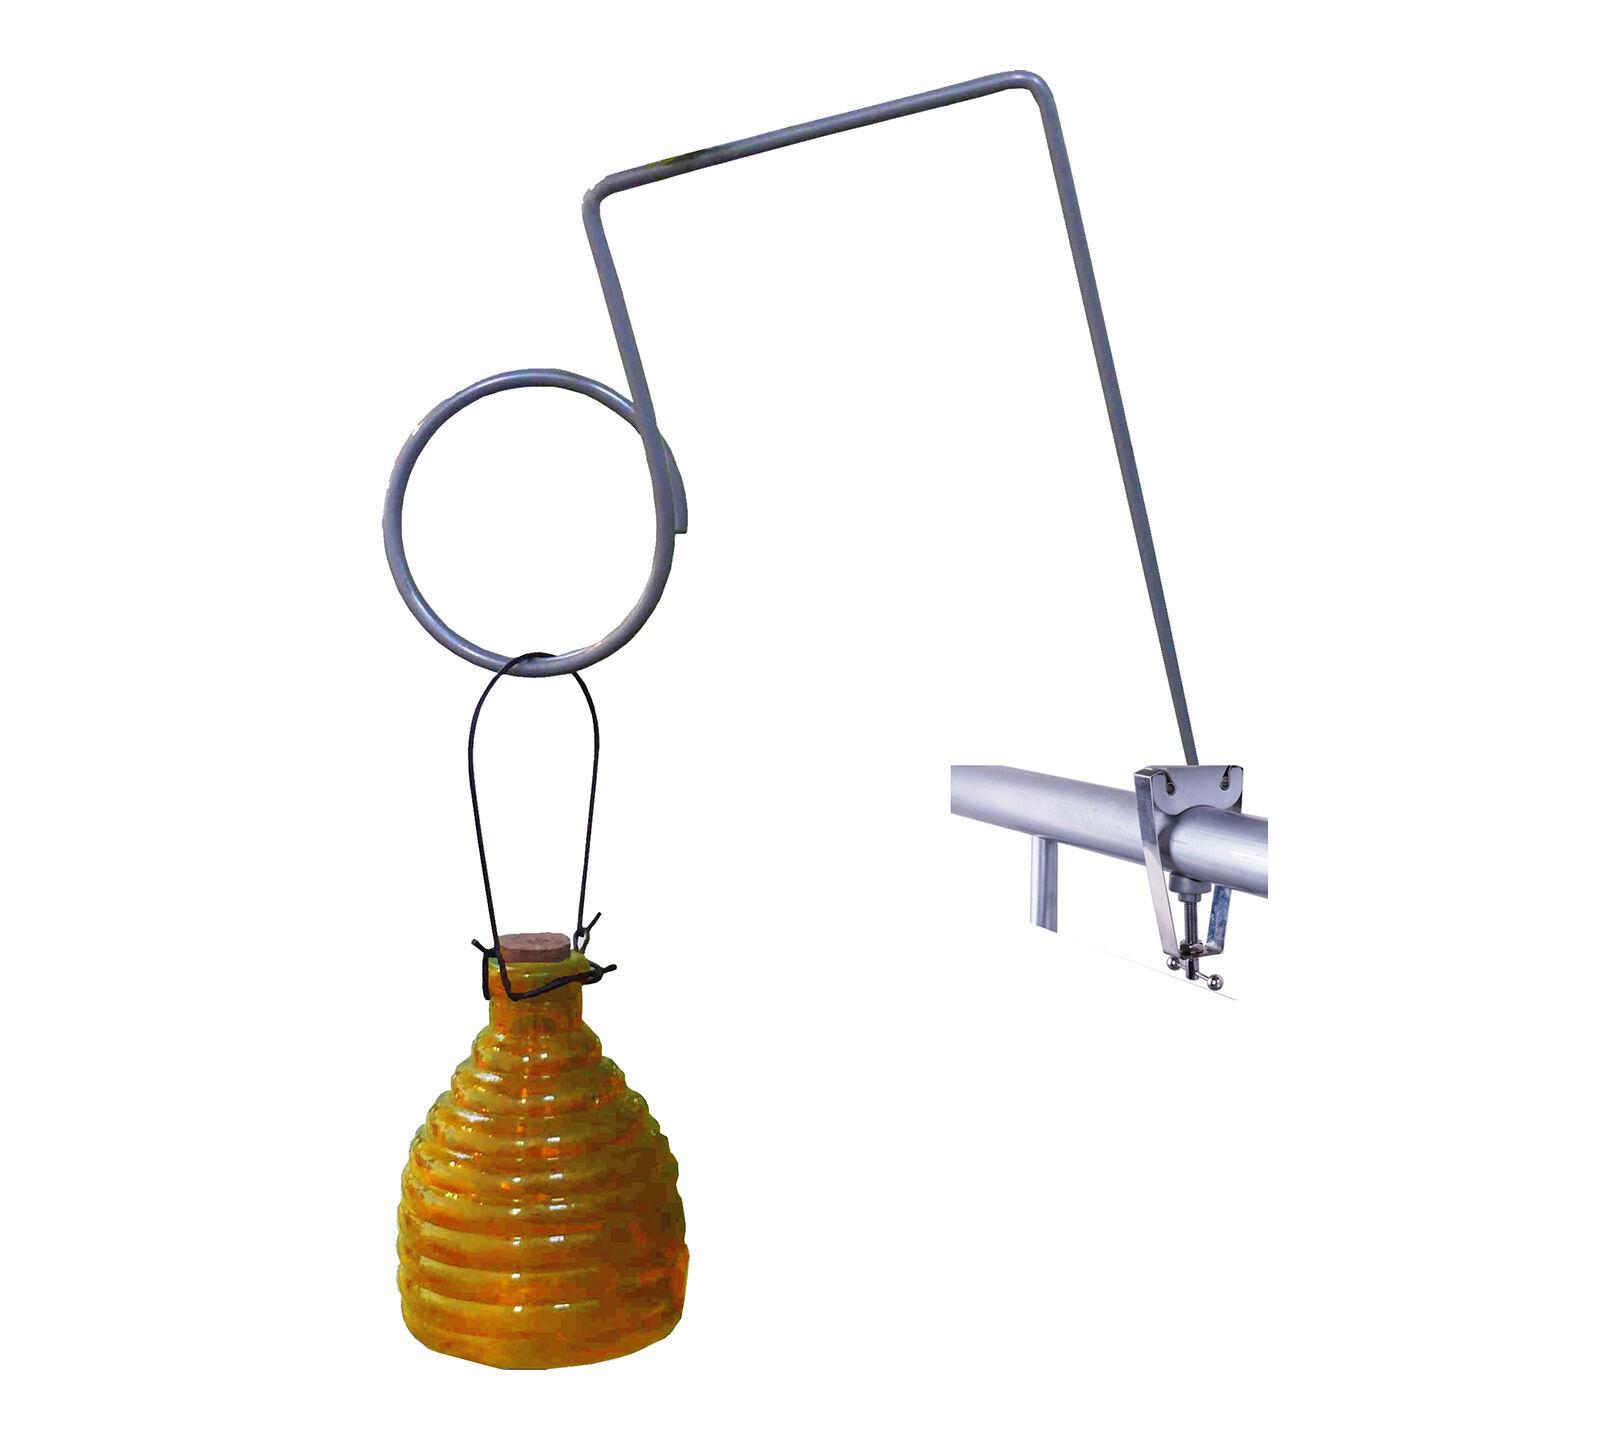 Trappola per vespe da balcone gialla